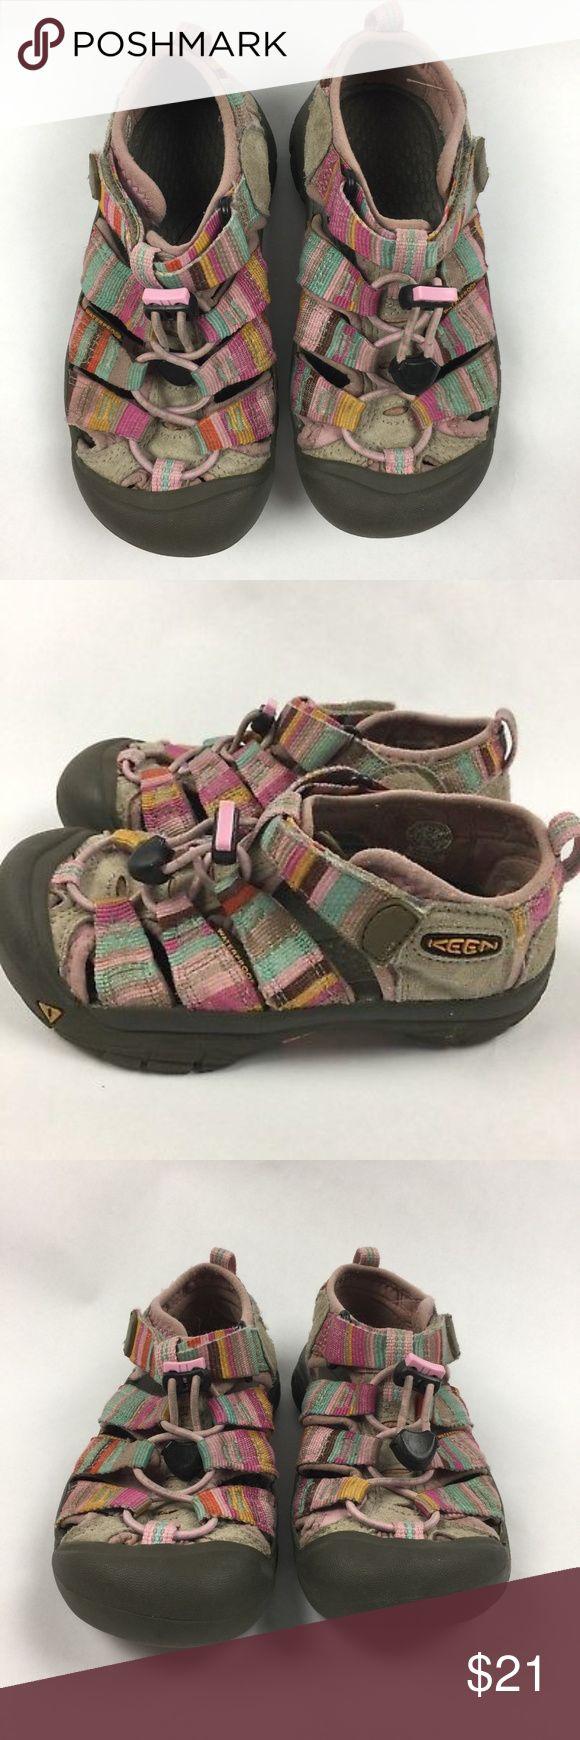 KEEN Sz 13 Girls Rainbow Striped Sandals KEEN Sz 13 Girls Pink Rainbow Colors Striped Walking Hiking Water Sandals Keen Shoes Sandals & Flip Flops